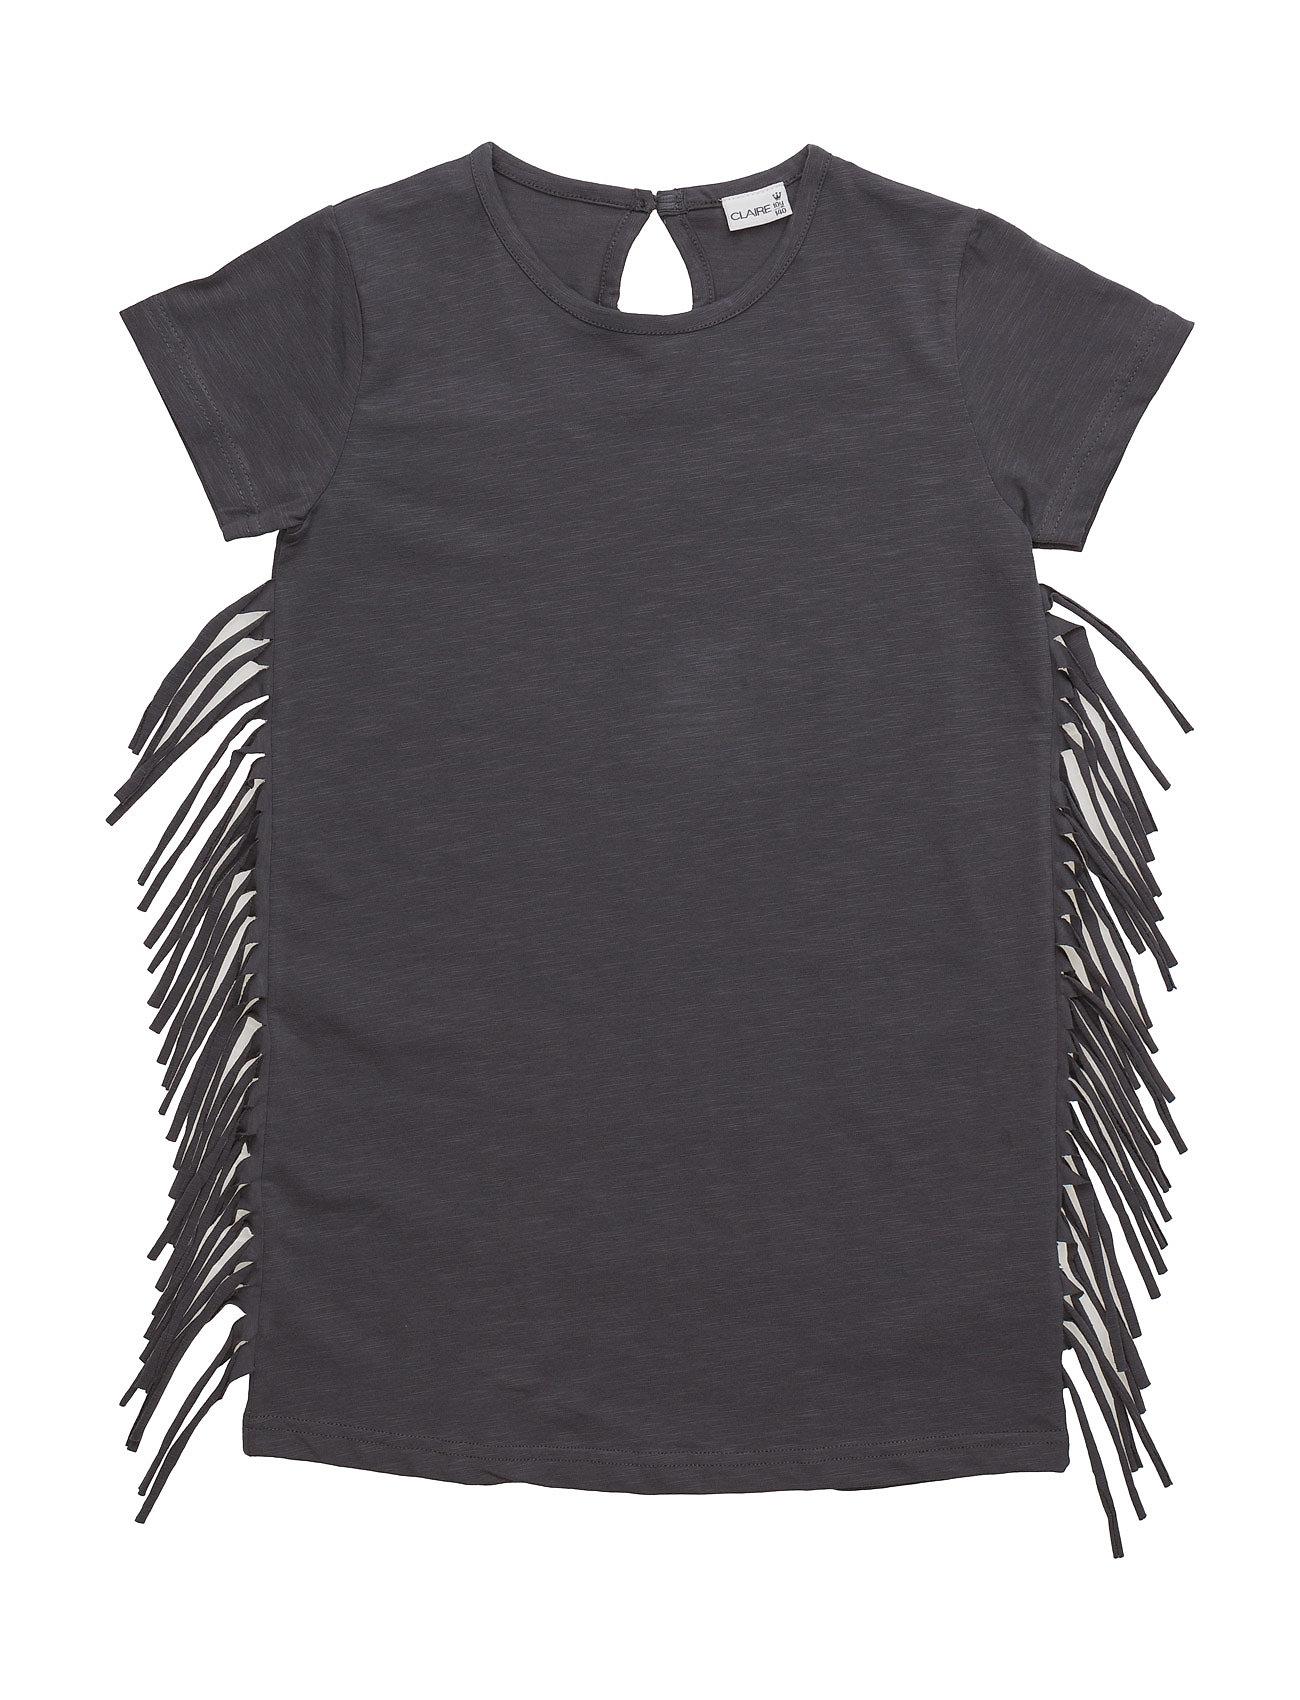 Ss Tunic Hust & Claire Kortærmede t-shirts til Børn i Magnet